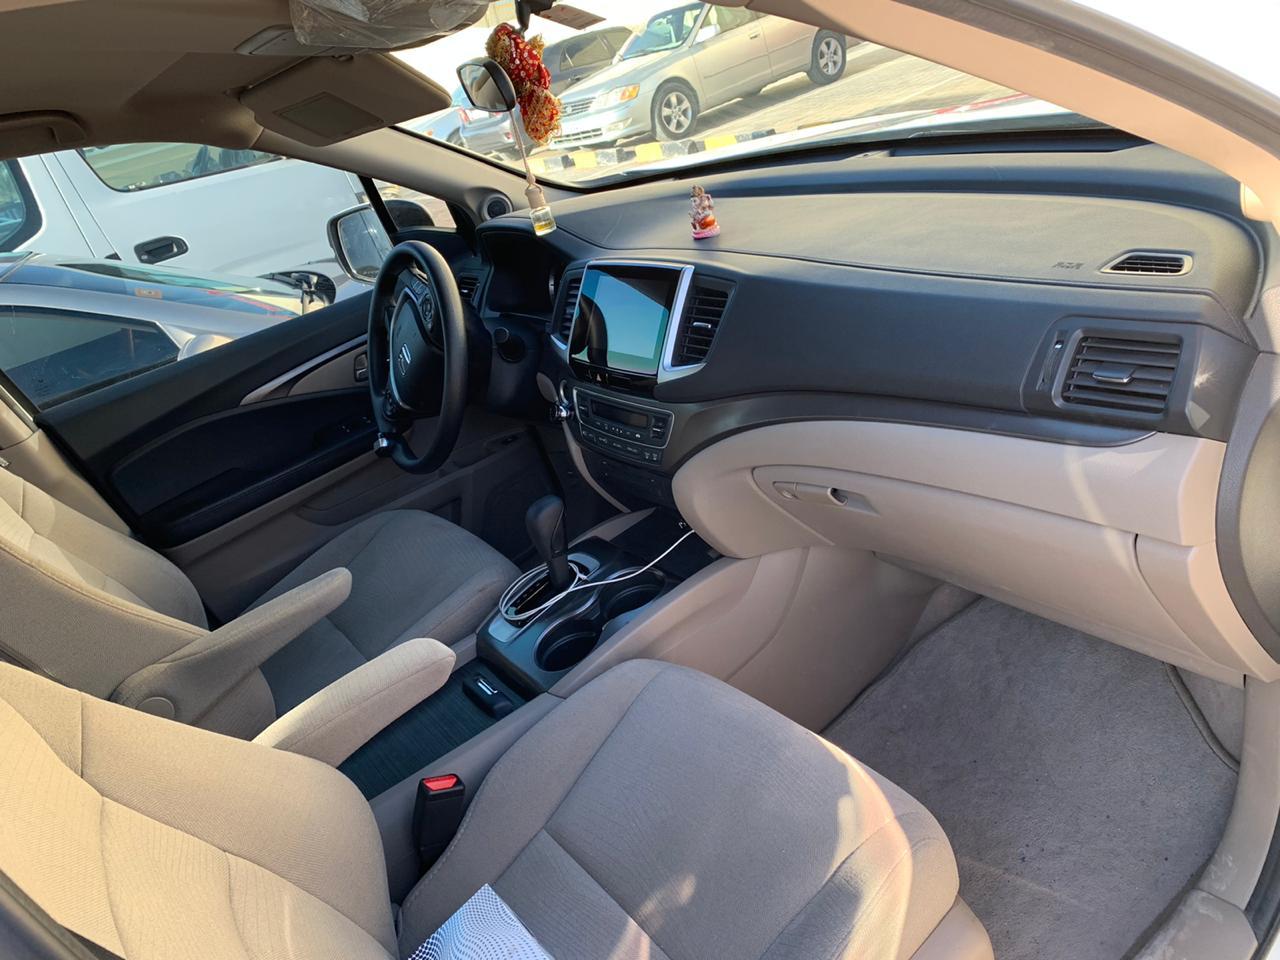 Honda_Pilot_Inside.jpeg